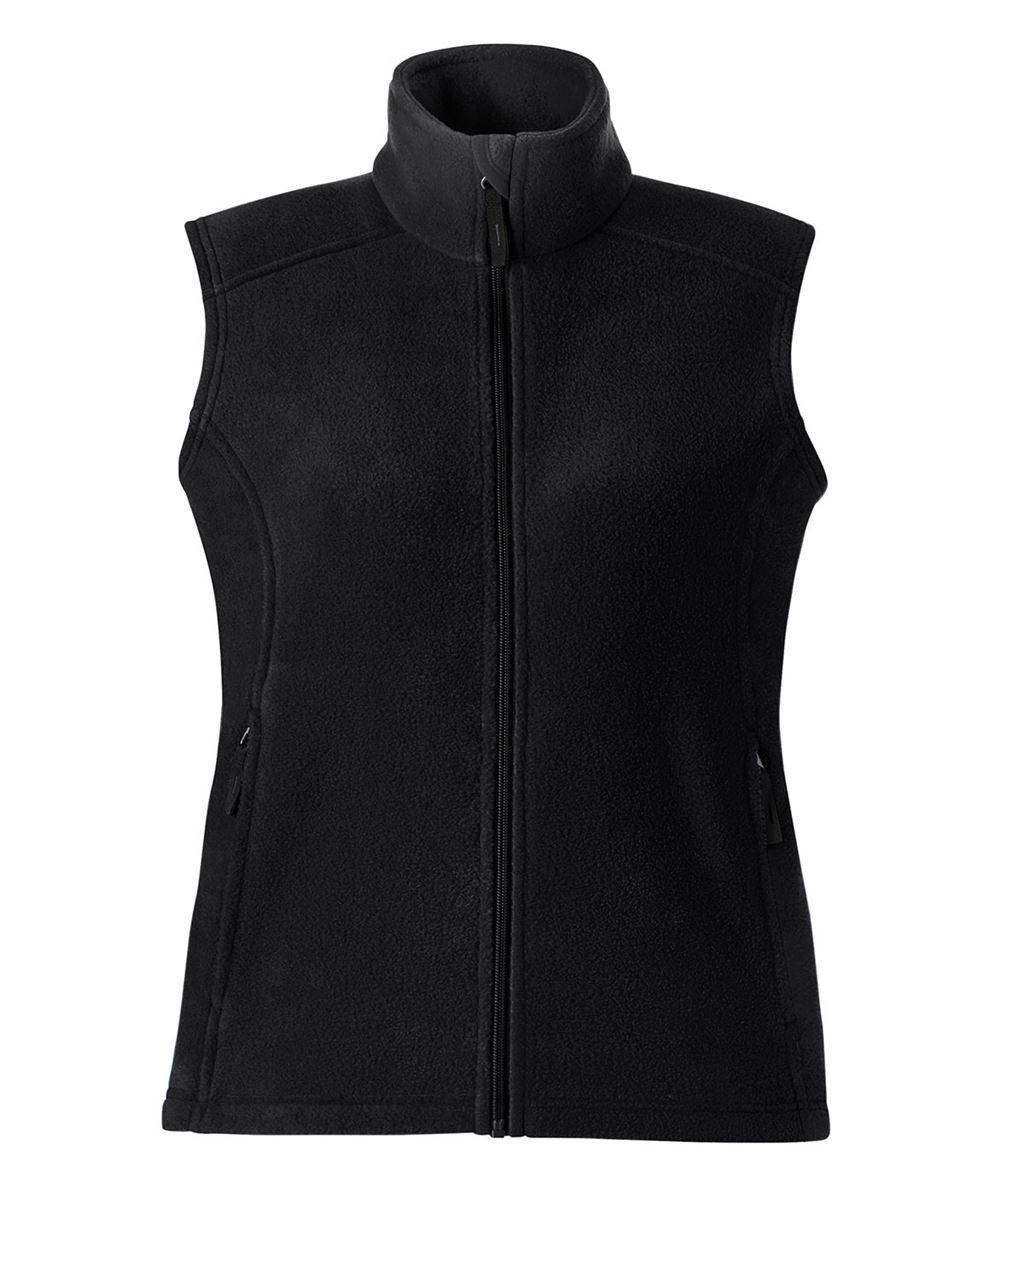 Picture of Core365 Ladies Fleece Vests